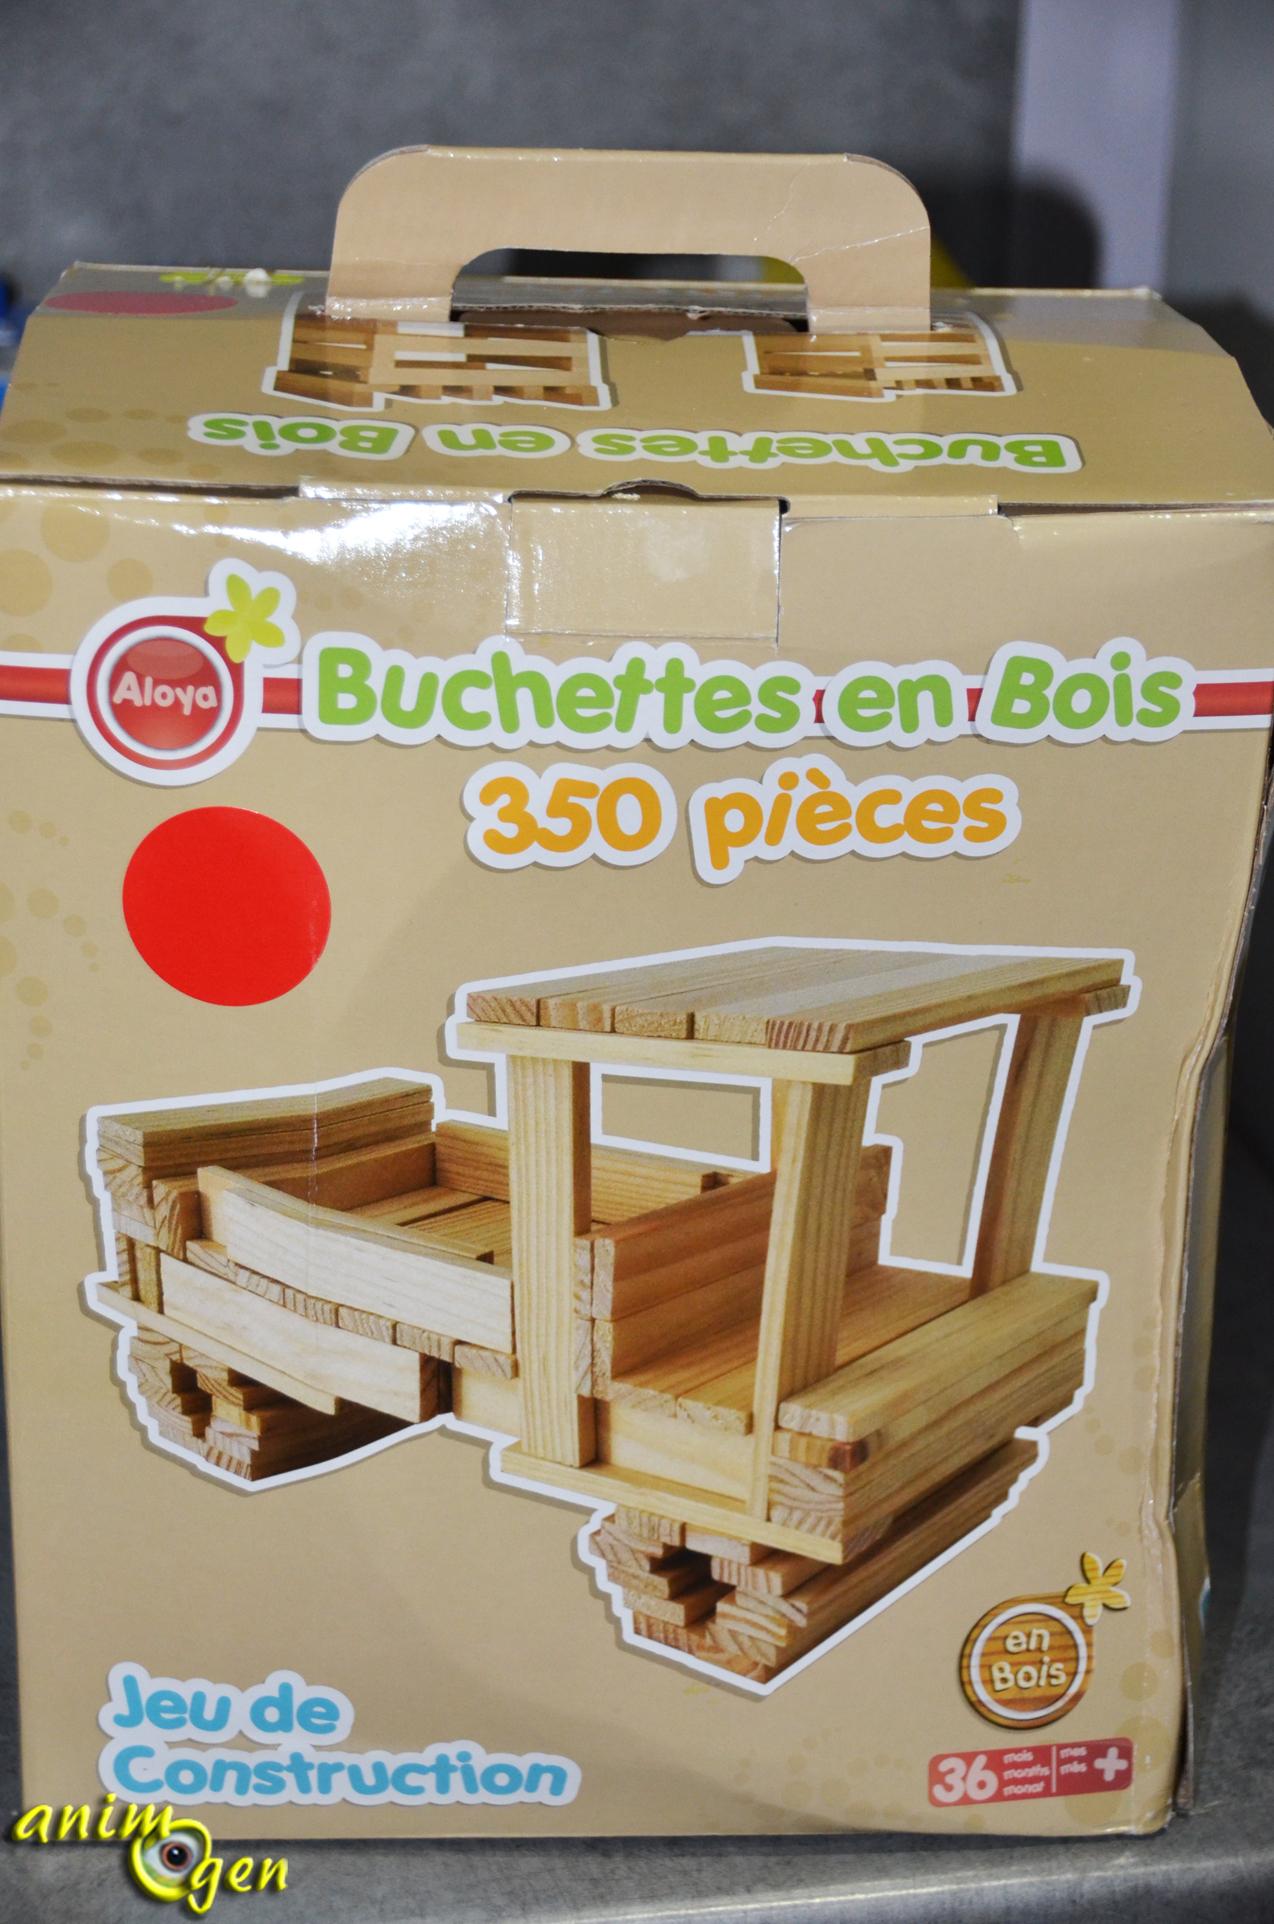 accessoire pour rongeurs lapins et perroquets b chettes de bois aloya animogen. Black Bedroom Furniture Sets. Home Design Ideas